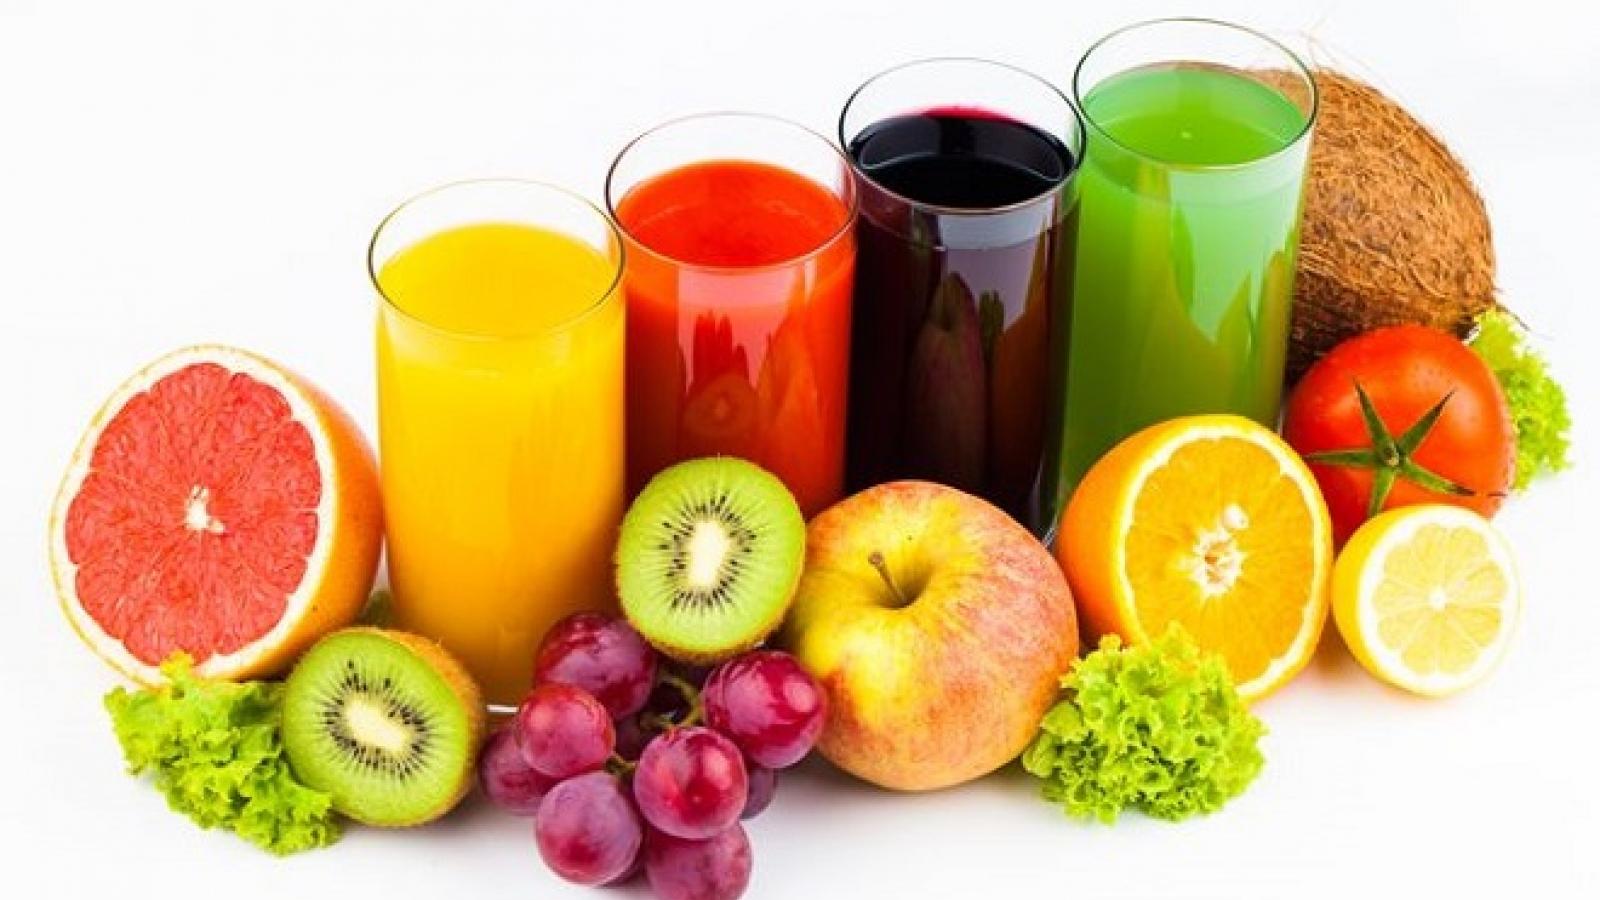 Những loại hoa quả và nước không nên ăn uống khi đói